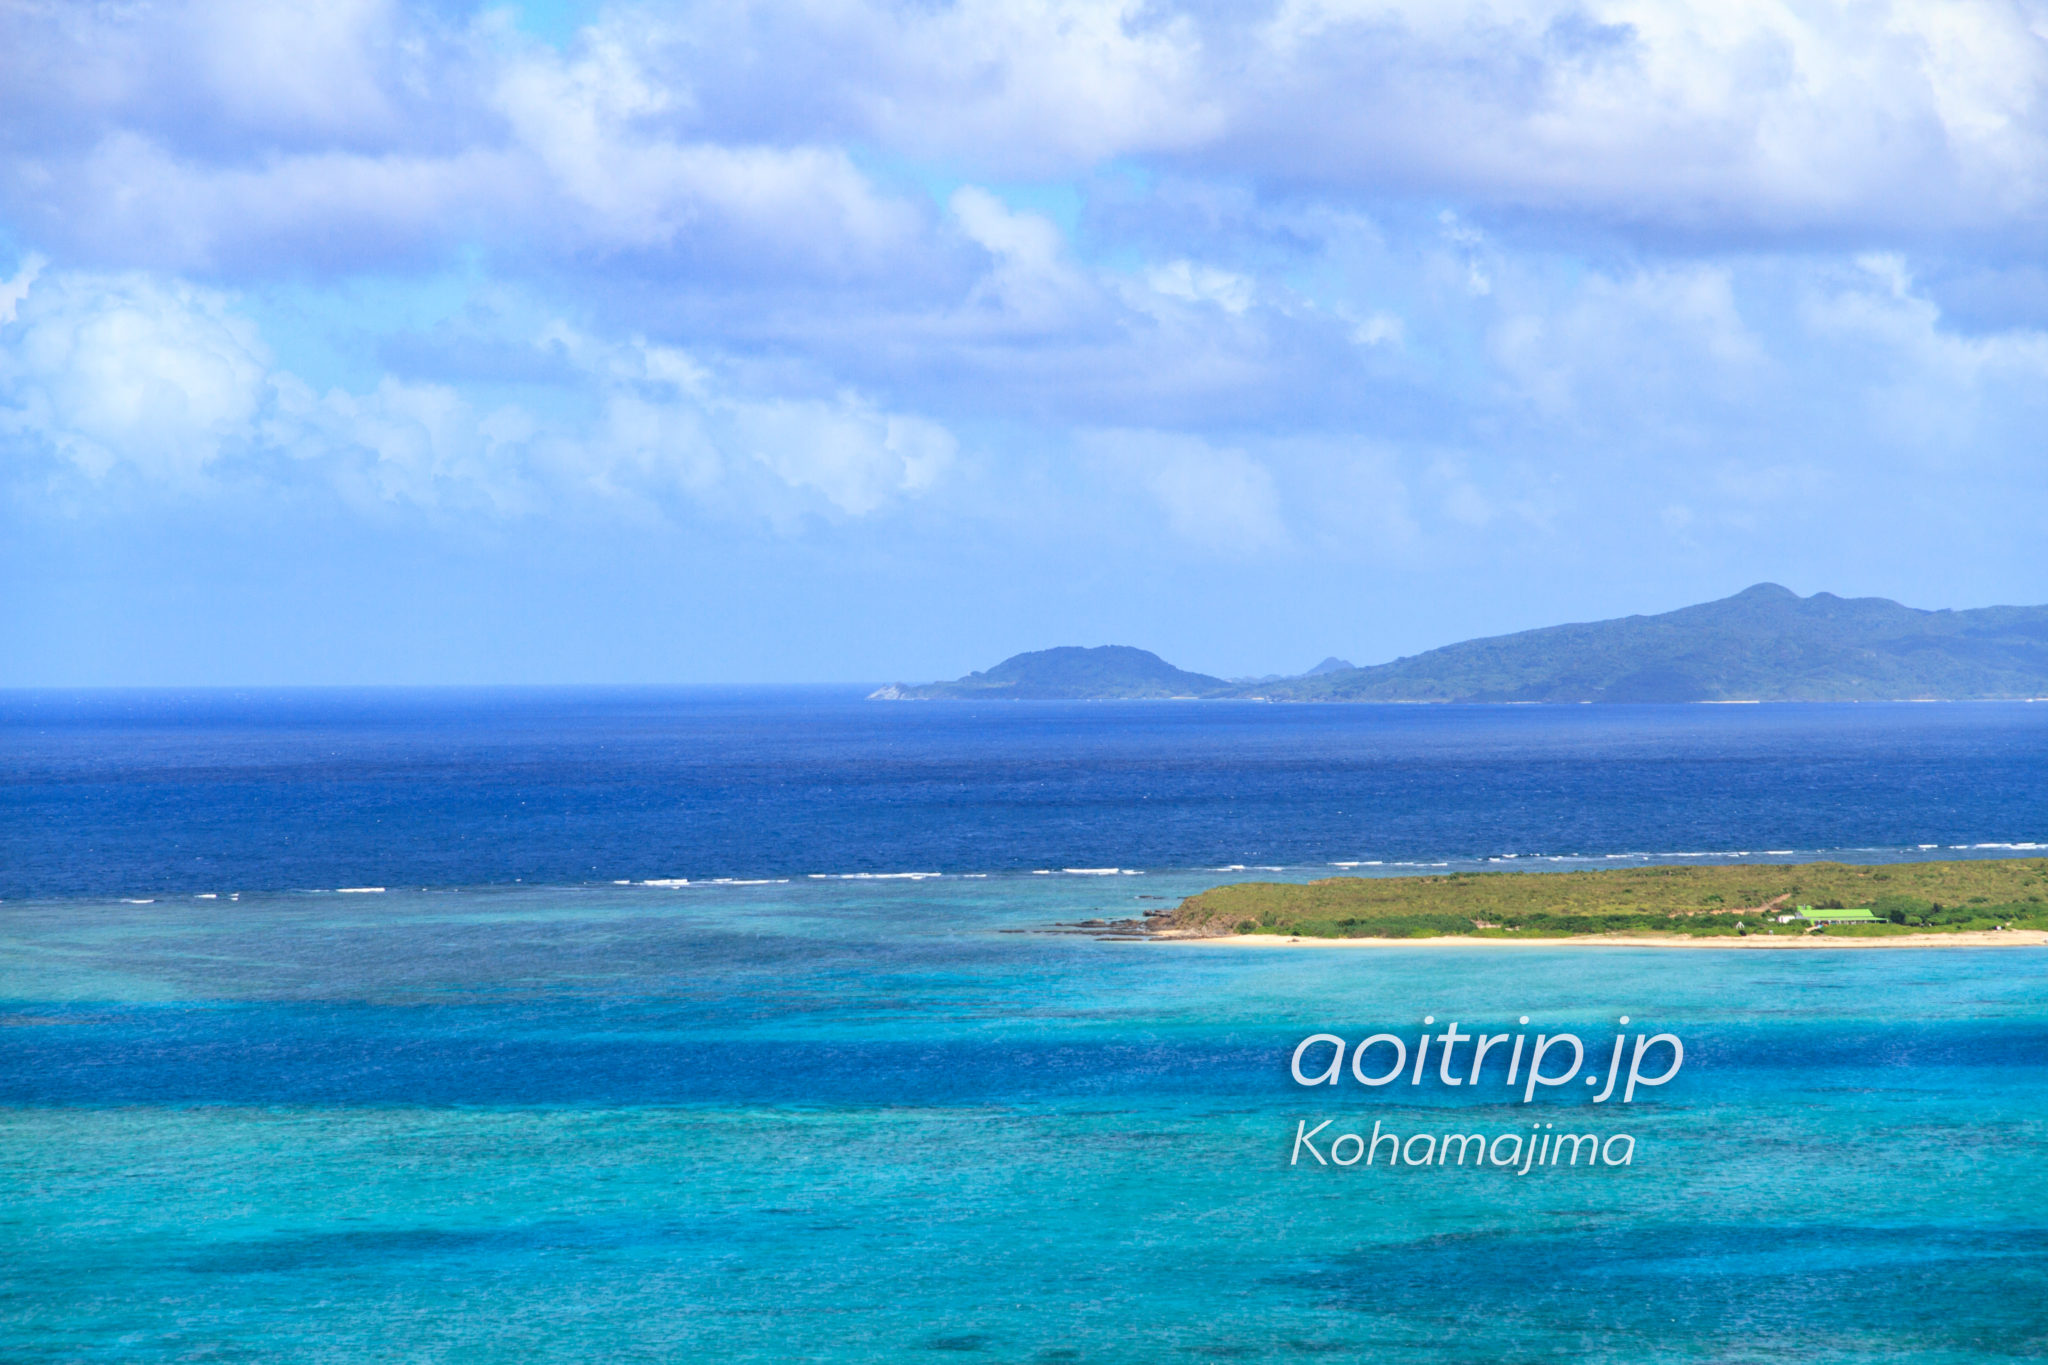 小浜島から嘉弥真島と、石垣島西部にある御神崎の灯台を望む